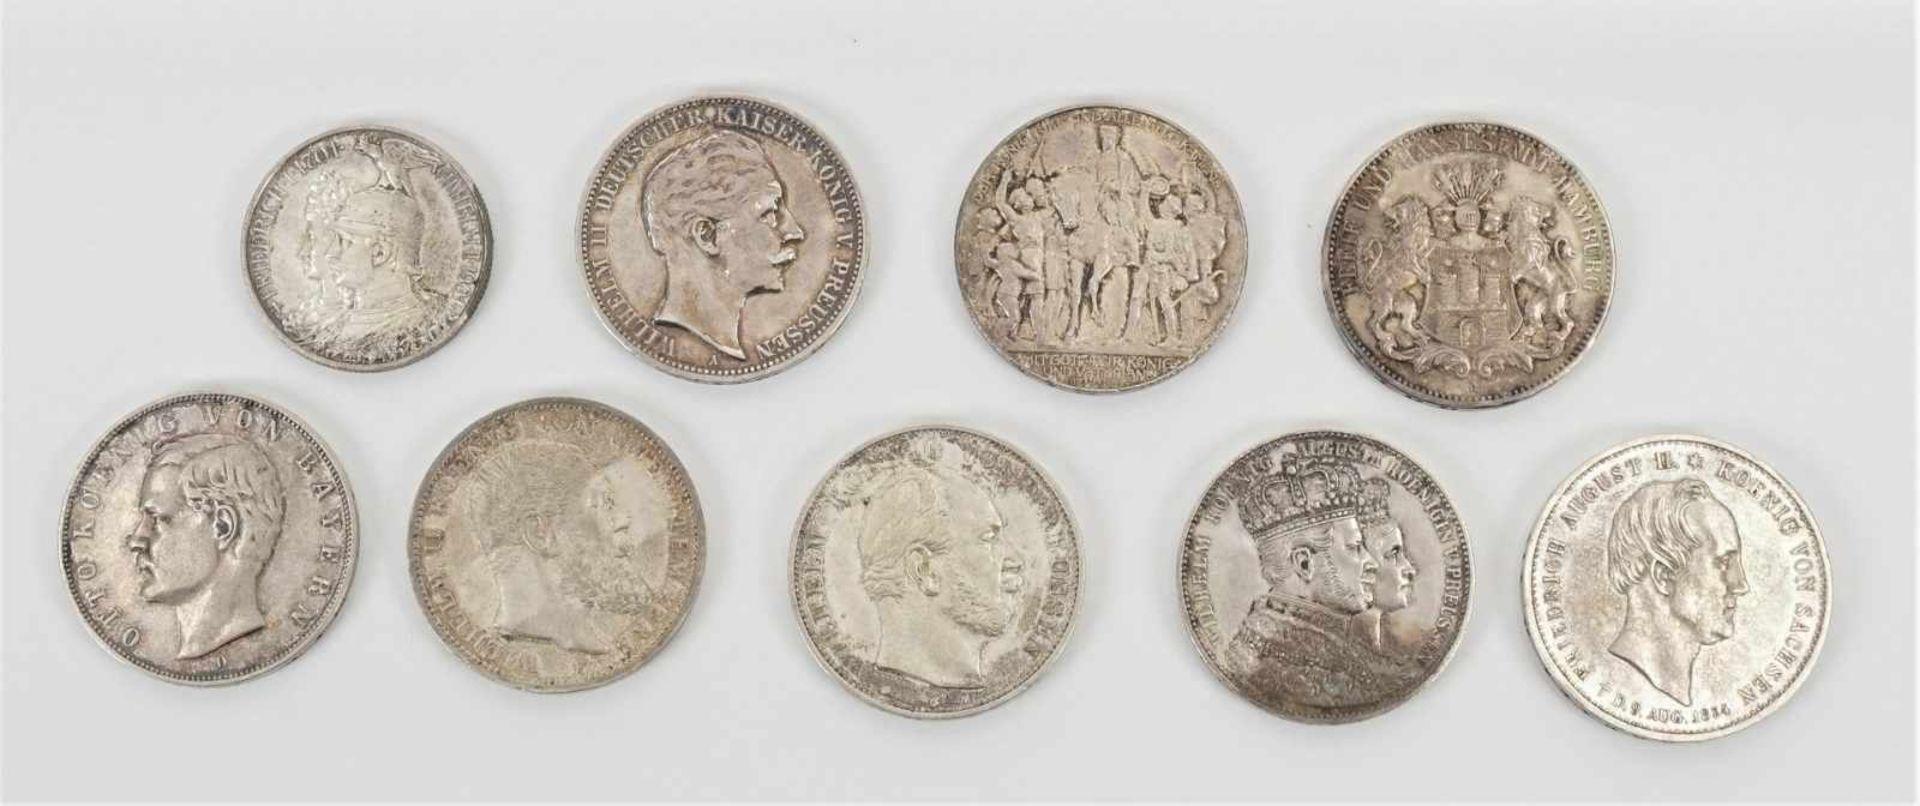 22 Münzen 1854-1936, davon 19 Silbermünzen - Bild 3 aus 7